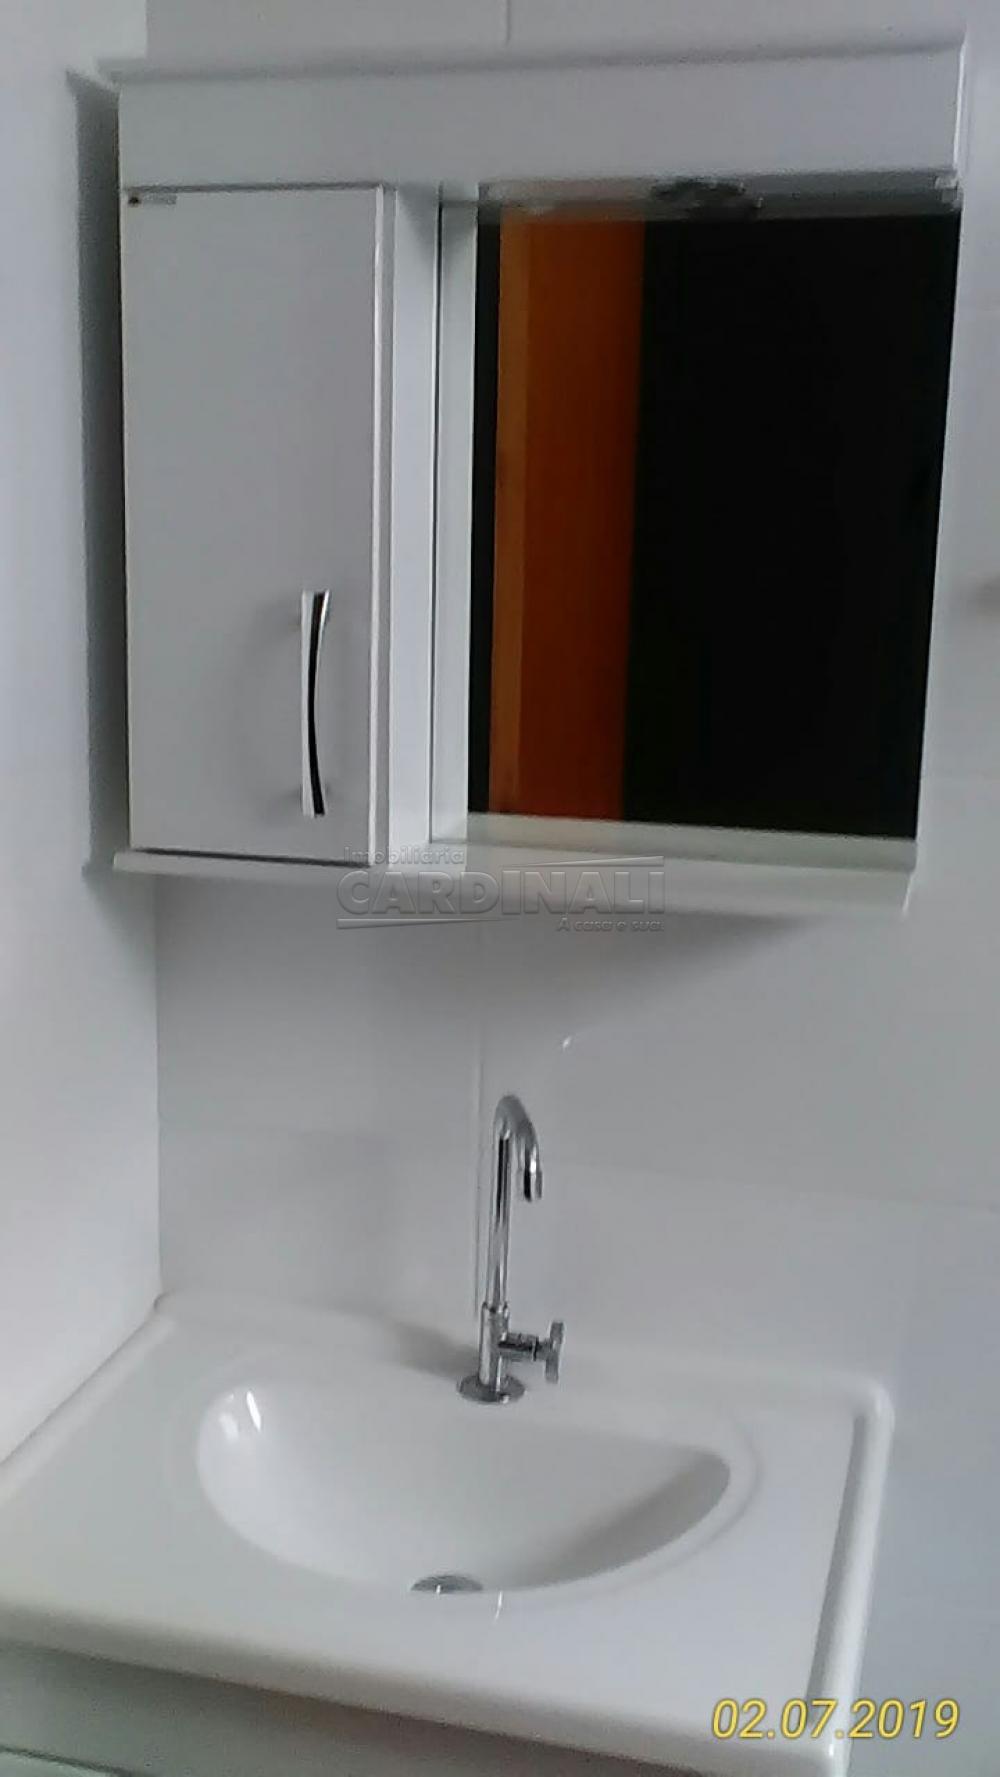 Alugar Apartamento / Padrão em São Carlos apenas R$ 900,00 - Foto 5